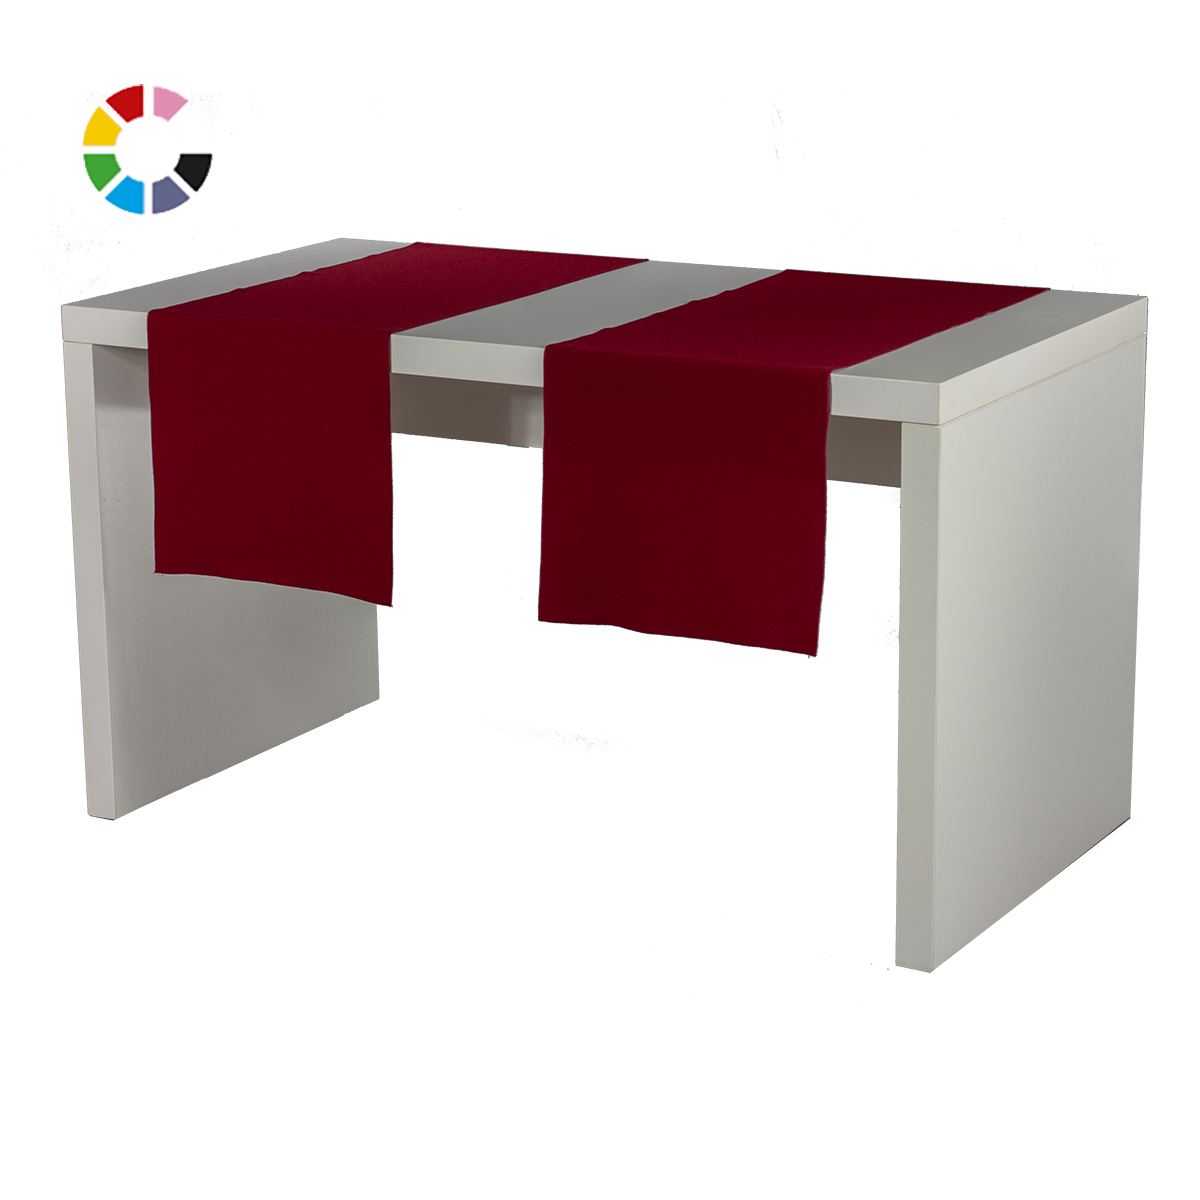 dieeventausstatter Tischläufer Farbauswahl